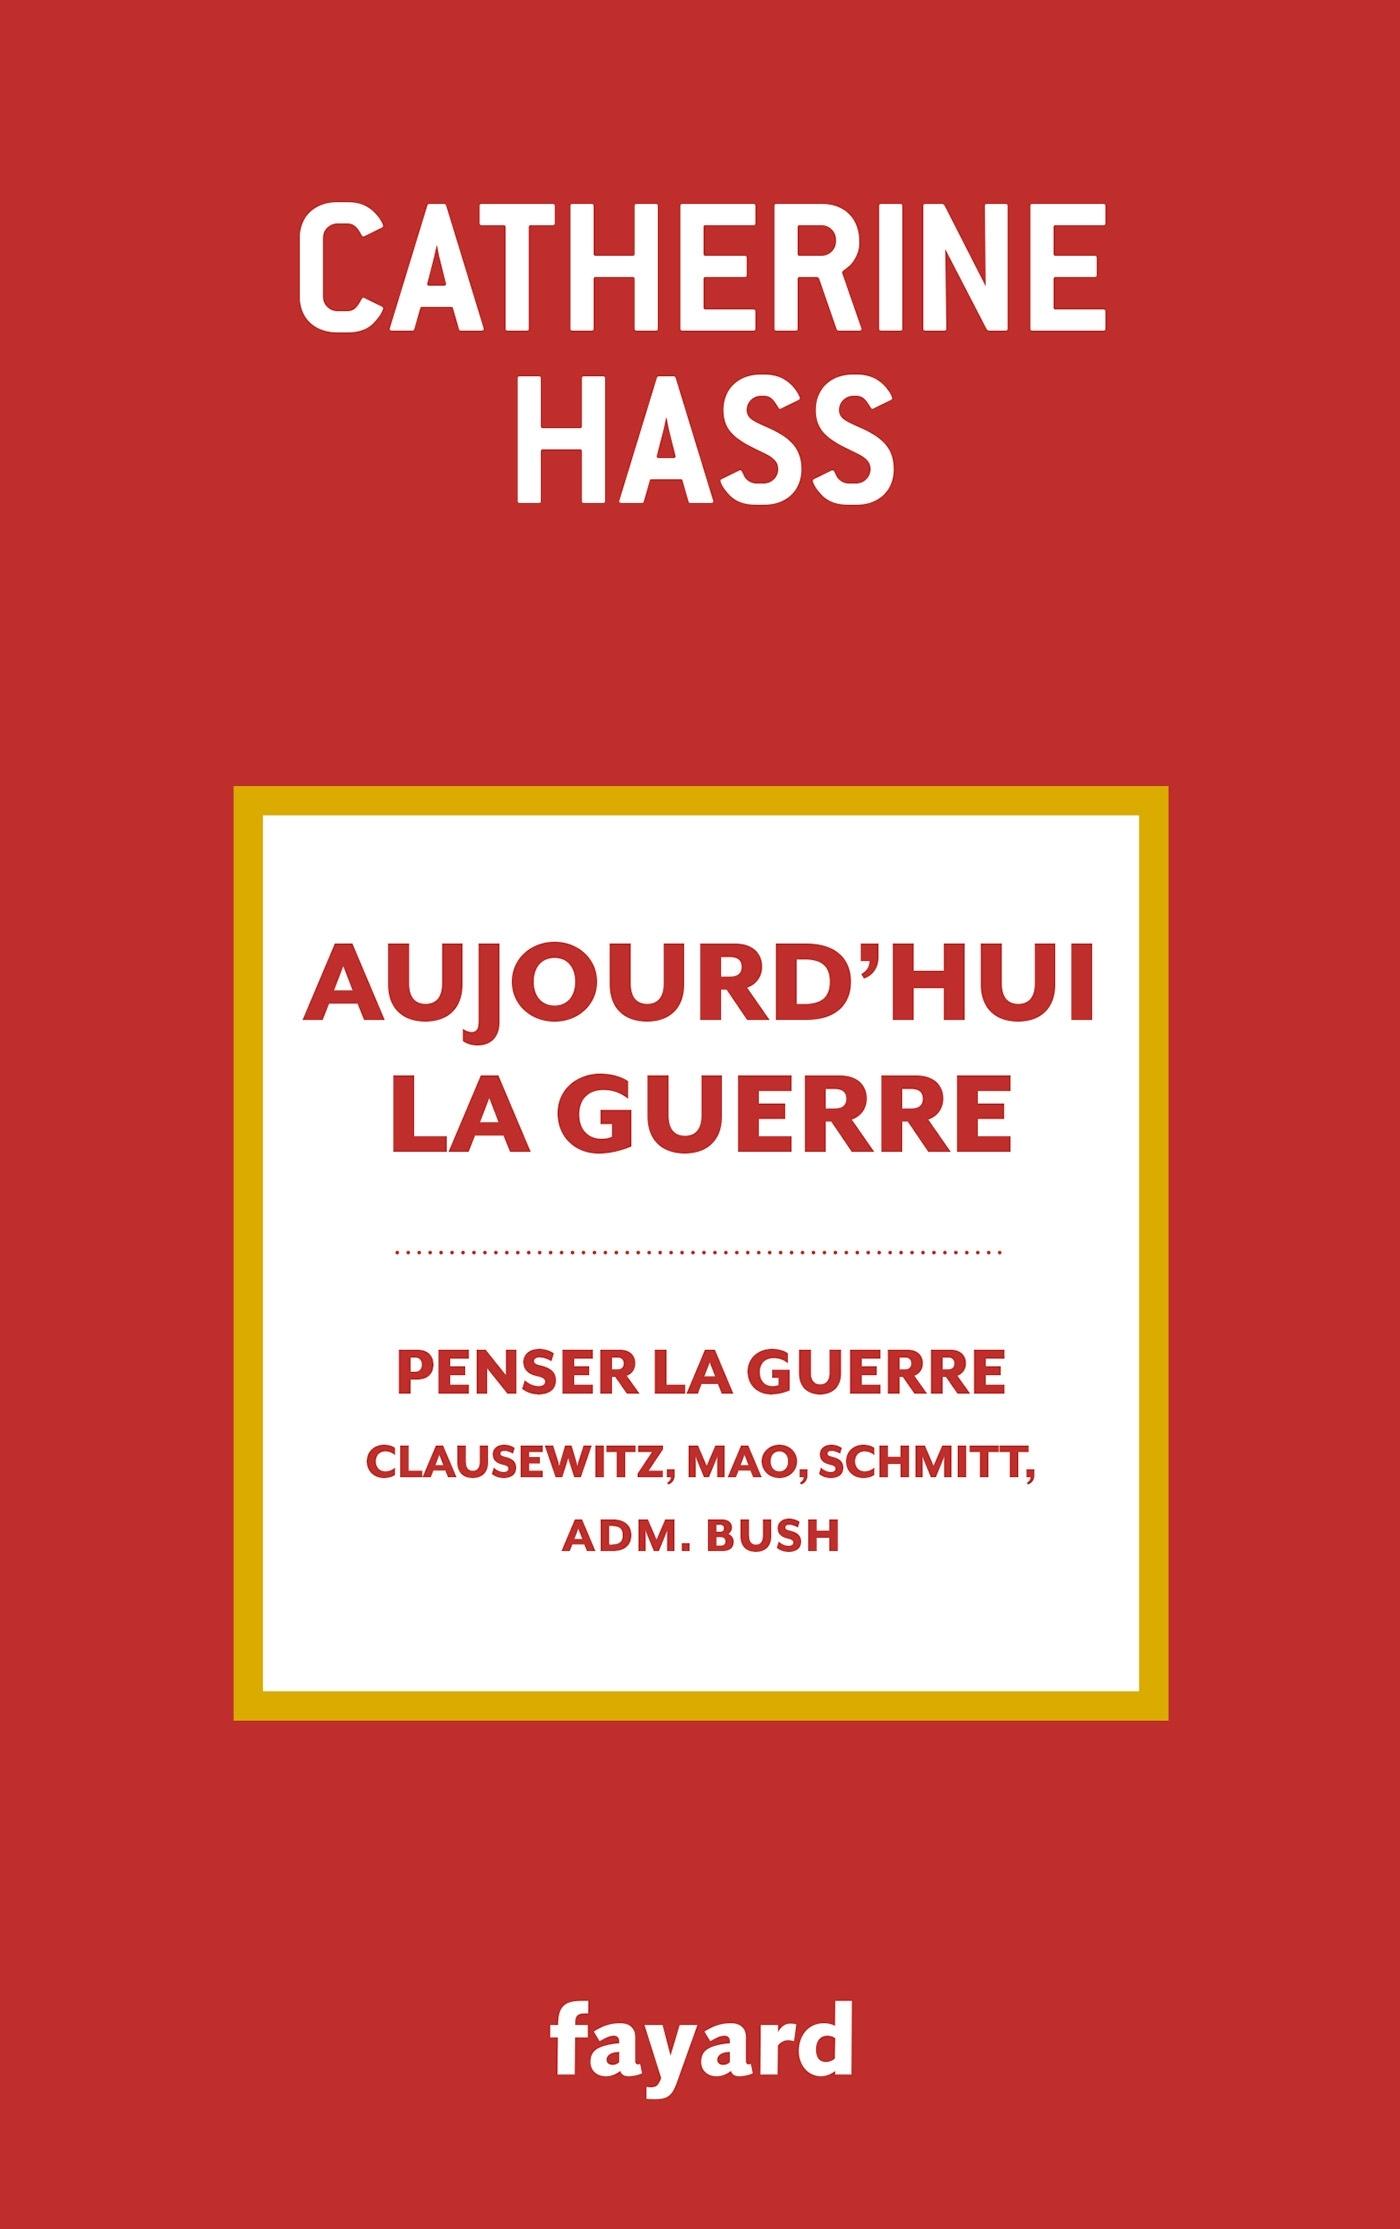 AUJOURD'HUI LA GUERRE